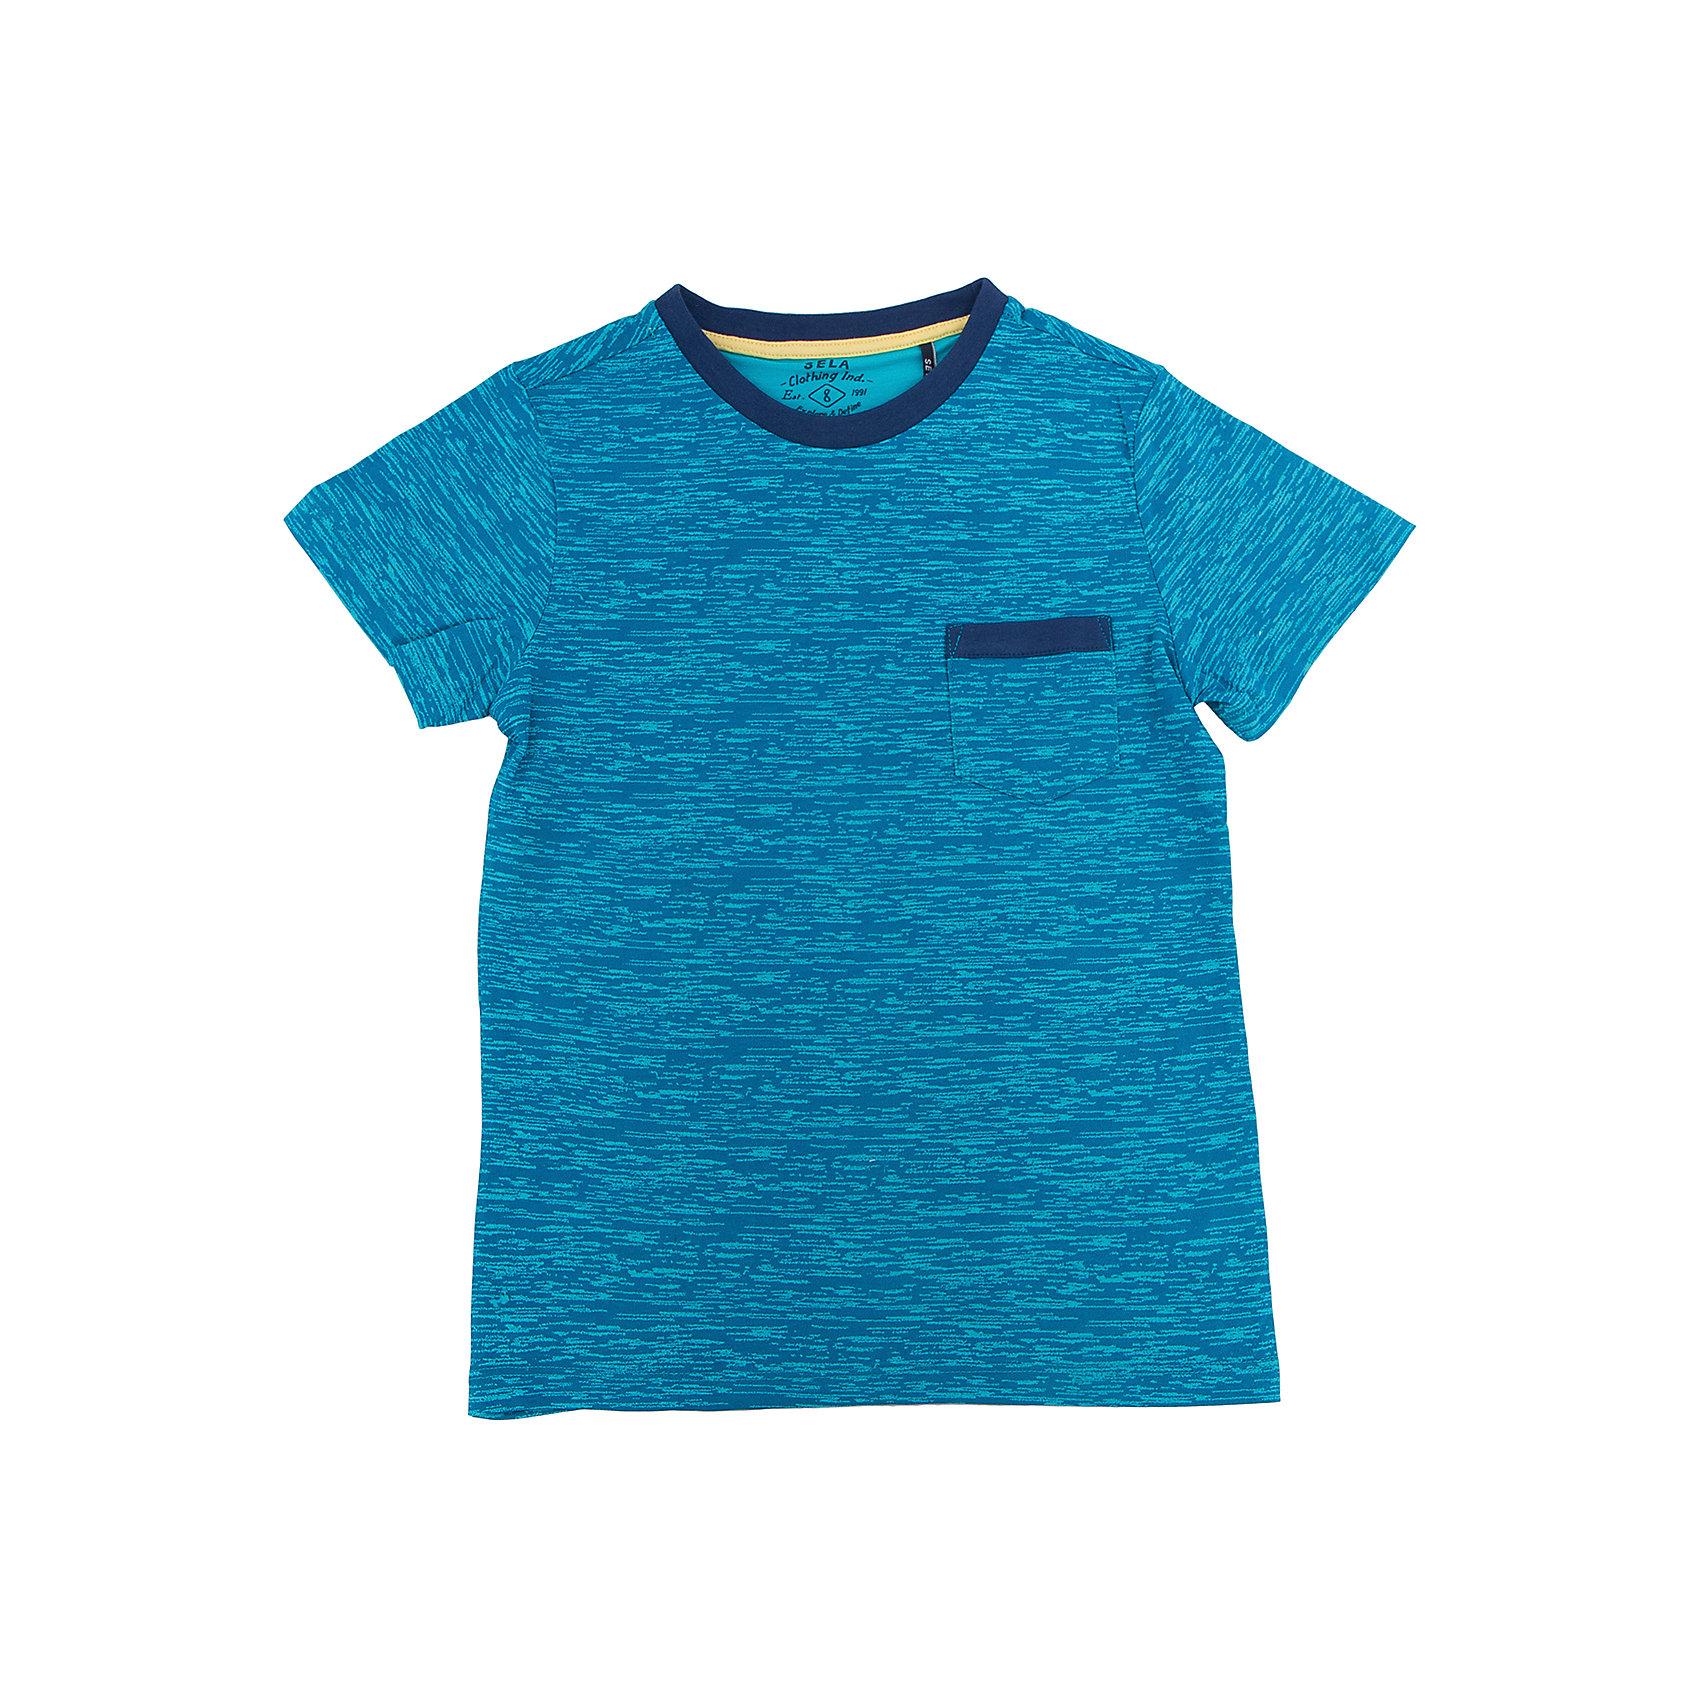 Футболка для мальчика SELAФутболки, поло и топы<br>Характеристики товара:<br><br>• цвет: синий<br>• состав: 60% хлопок, 40% ПЭ<br>• принт<br>• короткие рукава<br>• округлый горловой вырез<br>• страна бренда: Российская Федерация<br><br>В новой коллекции SELA отличные модели одежды! Эта футболка для мальчика поможет разнообразить гардероб ребенка и обеспечить комфорт. Она отлично сочетается с джинсами и брюками. Удобная базовая вещь!<br><br>Футболку для мальчика от популярного бренда SELA (СЕЛА) можно купить в нашем интернет-магазине.<br><br>Ширина мм: 230<br>Глубина мм: 40<br>Высота мм: 220<br>Вес г: 250<br>Цвет: синий<br>Возраст от месяцев: 120<br>Возраст до месяцев: 132<br>Пол: Мужской<br>Возраст: Детский<br>Размер: 146,134,140,152,116,122,128<br>SKU: 5303985